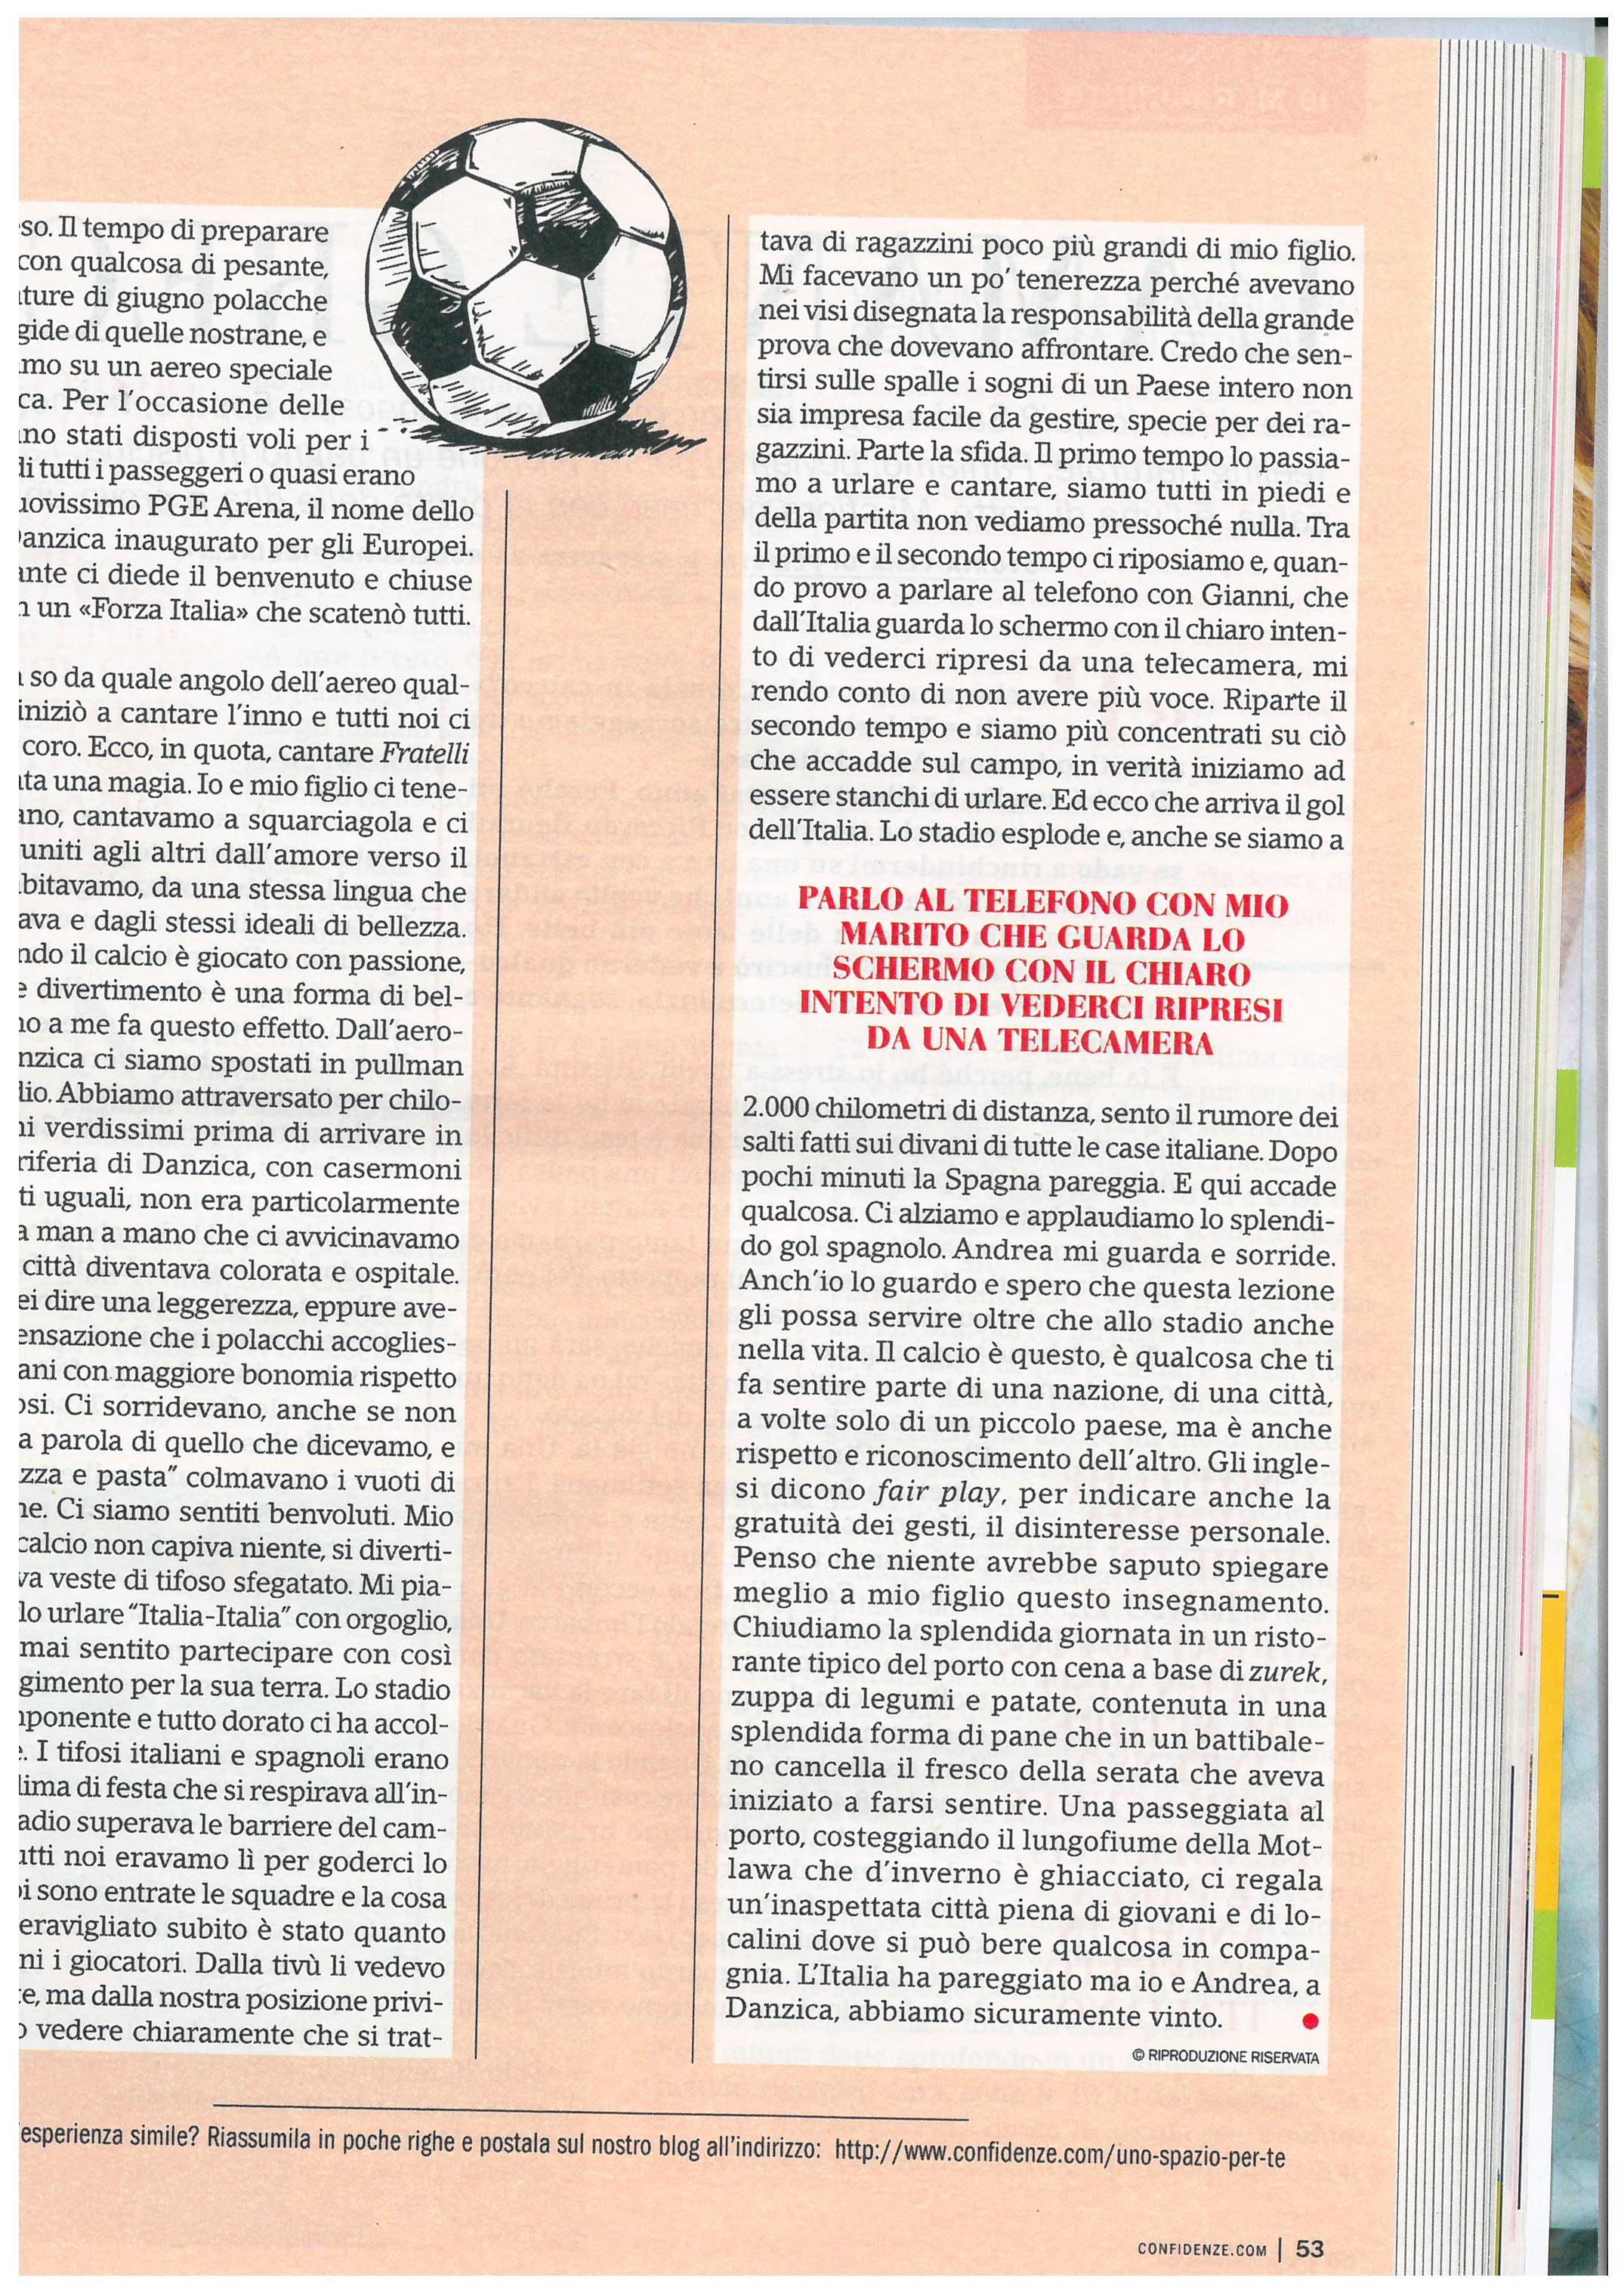 Storia di Giovanna - Viaggio in Polonia -Europei 2012 Agosto 2018_Pagina_2